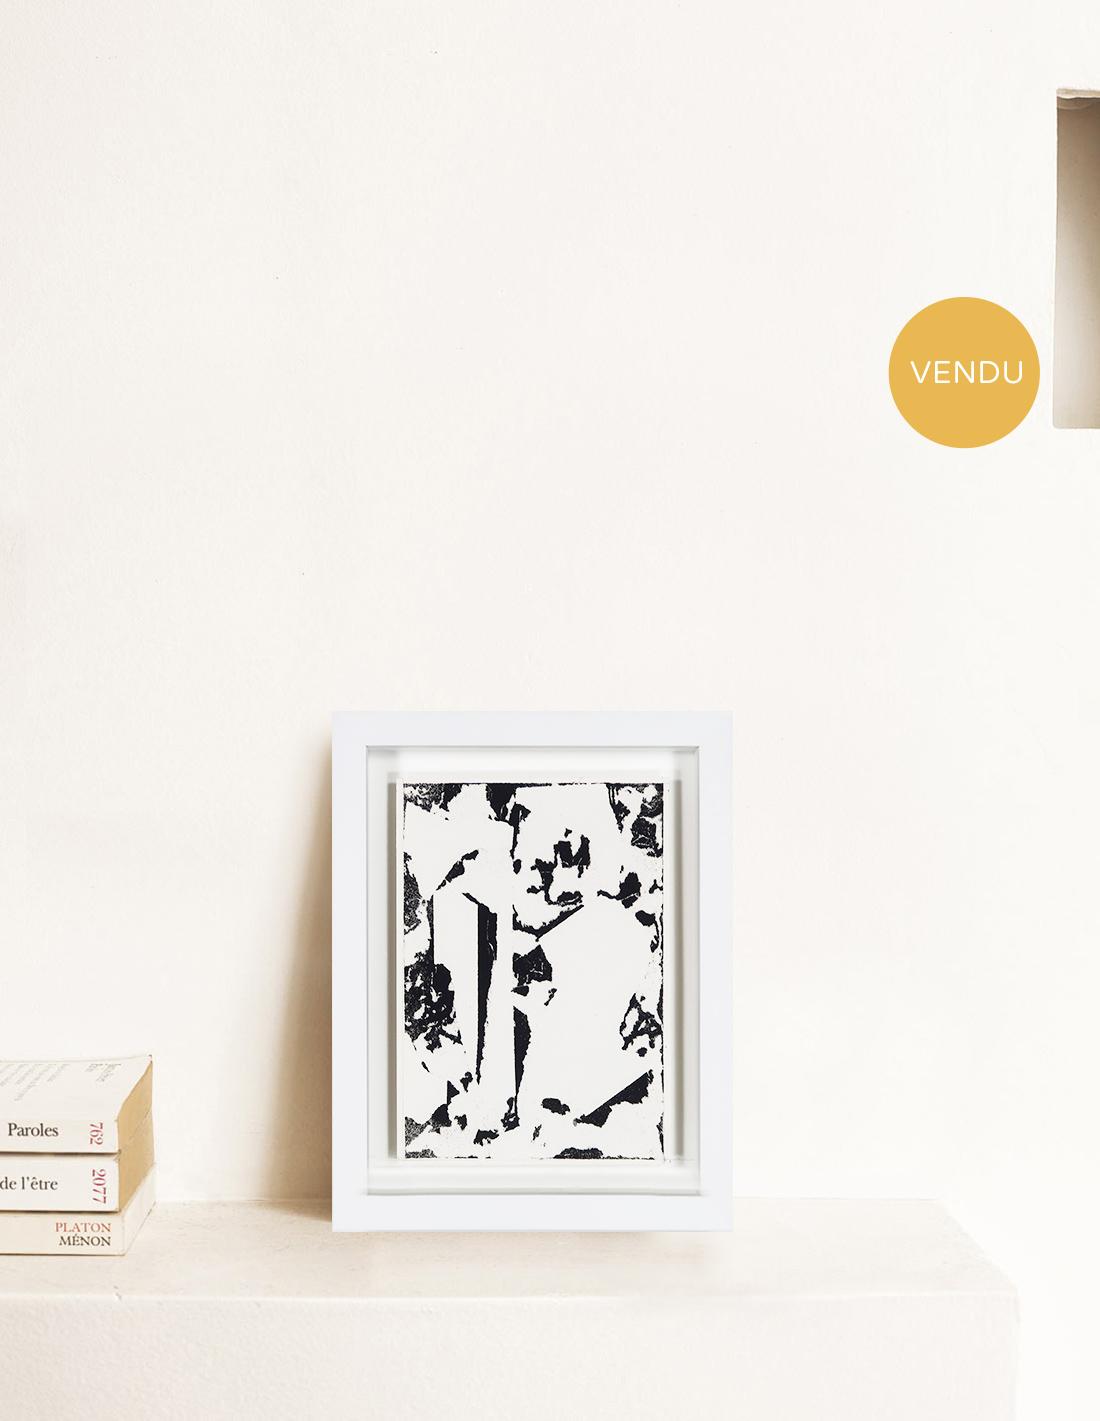 Laurent Karagueuzian - Oeuvre sur papier - Papiers écorchés 213